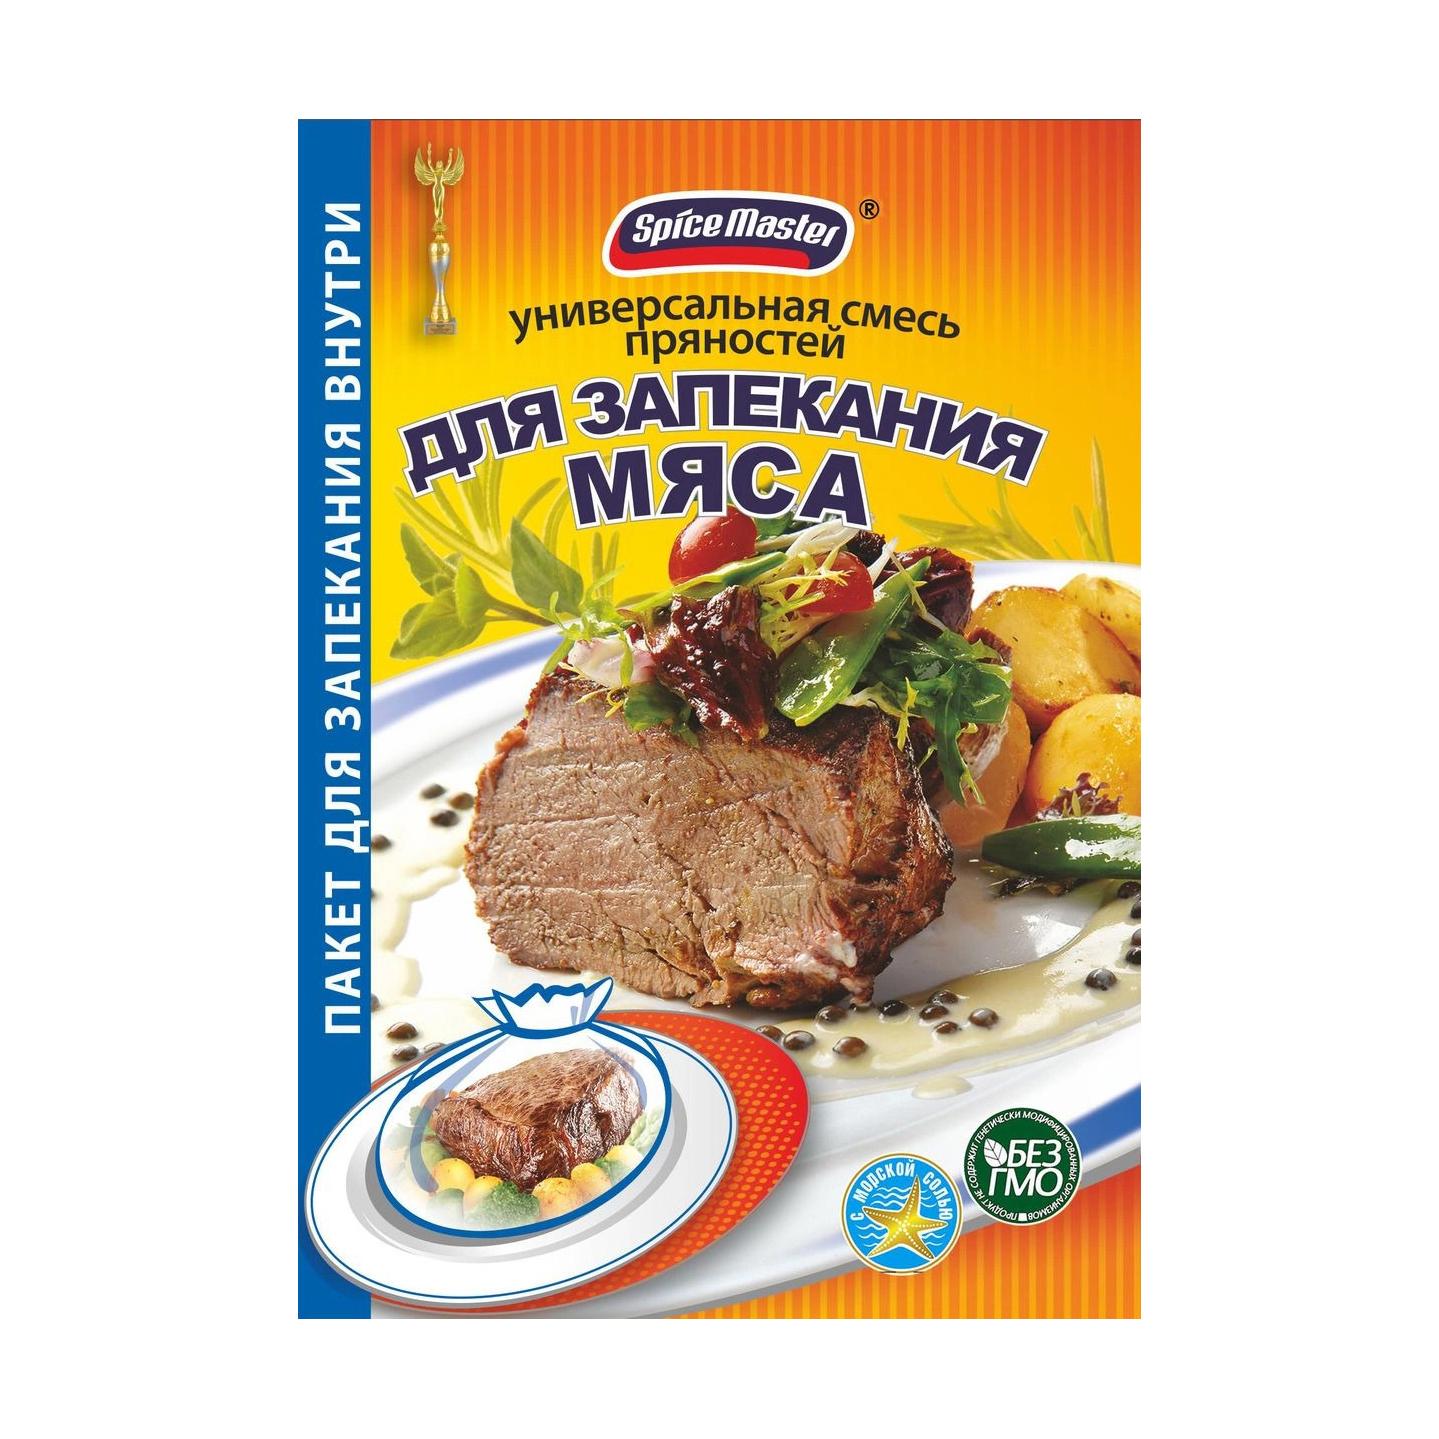 Универсальная смесь пряностей Spice Master для запекания мяса 30 г смесь перцев spice master 85 г